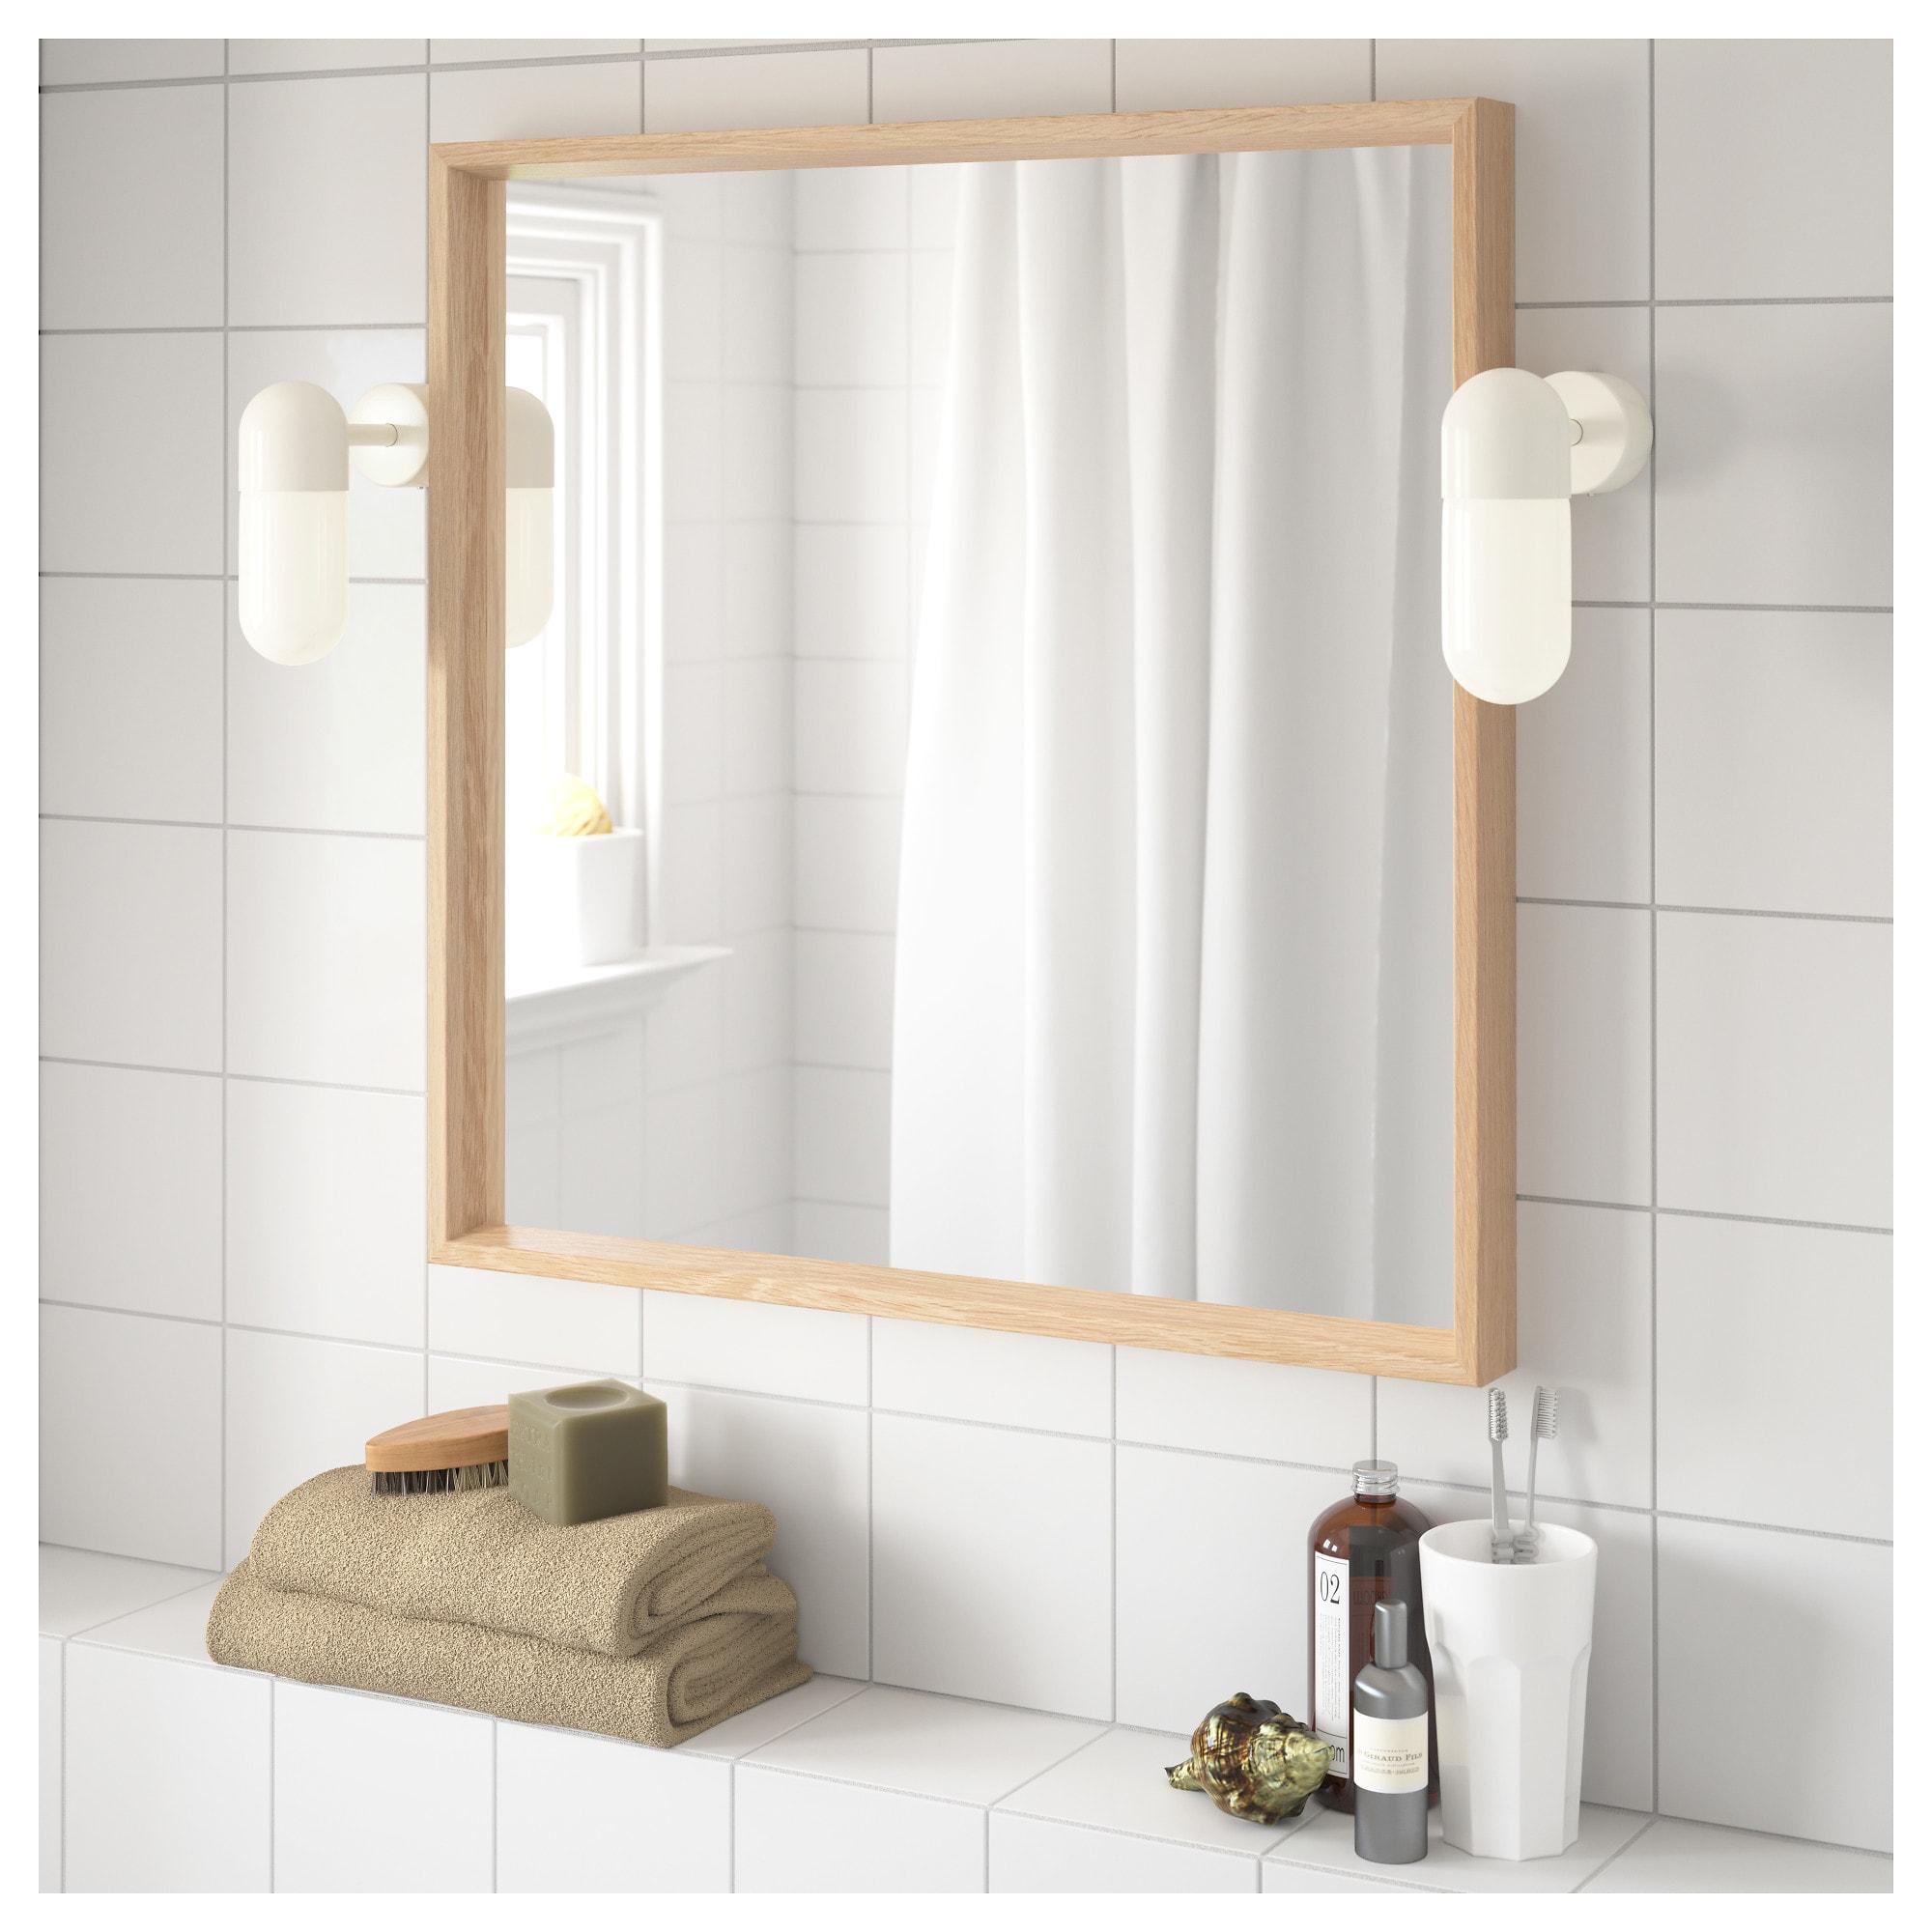 Nissedal Spiegel Eicheneff Wlas Ikea Osterreich Ikea Fensterputzmittel Fenster Putzen